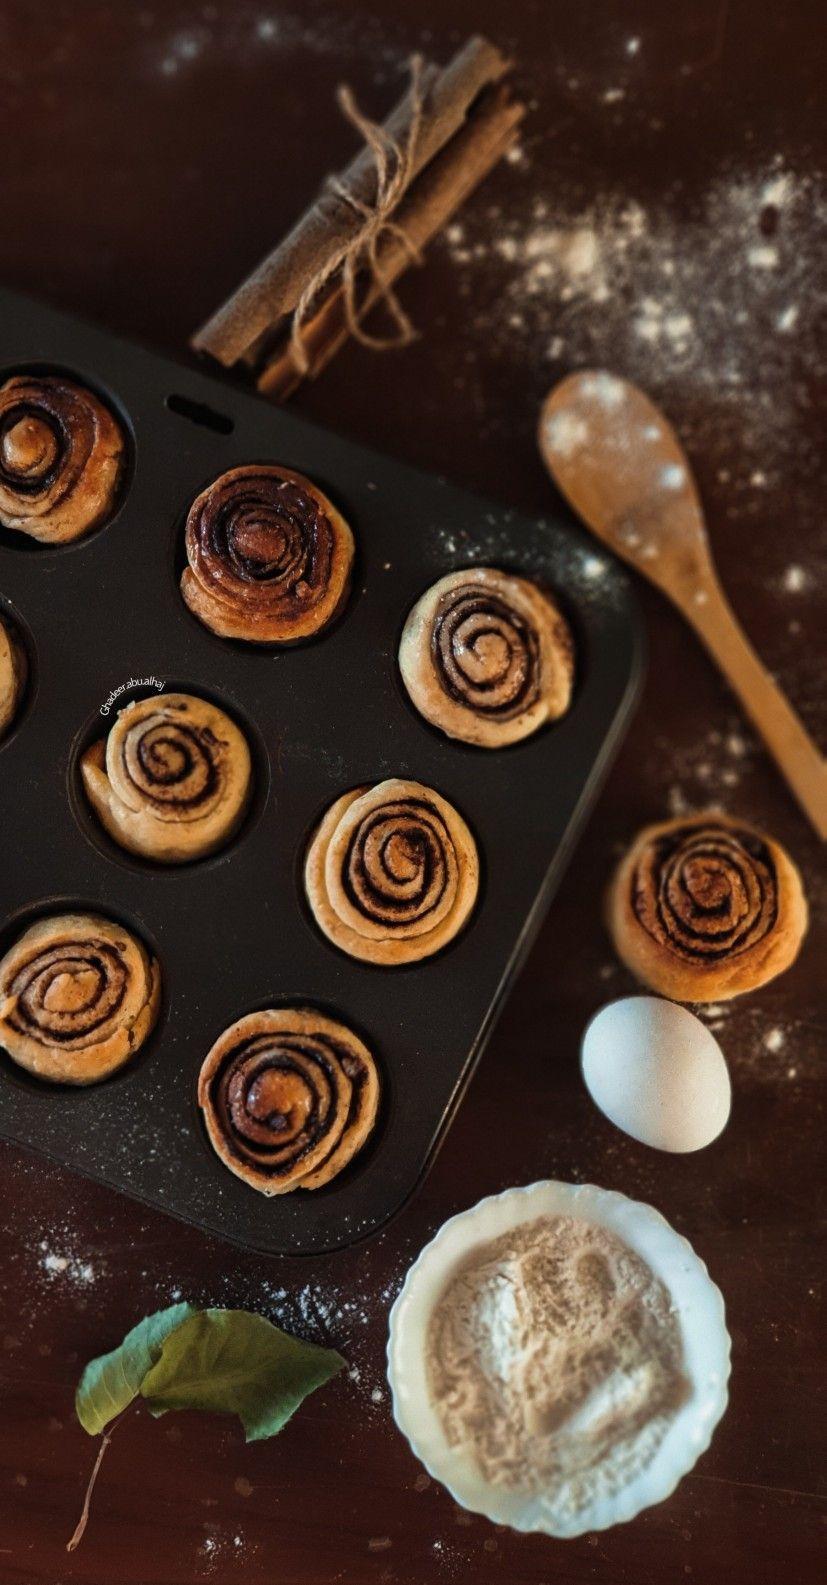 Cinnabon سينابون Instagram Food Photo And Video